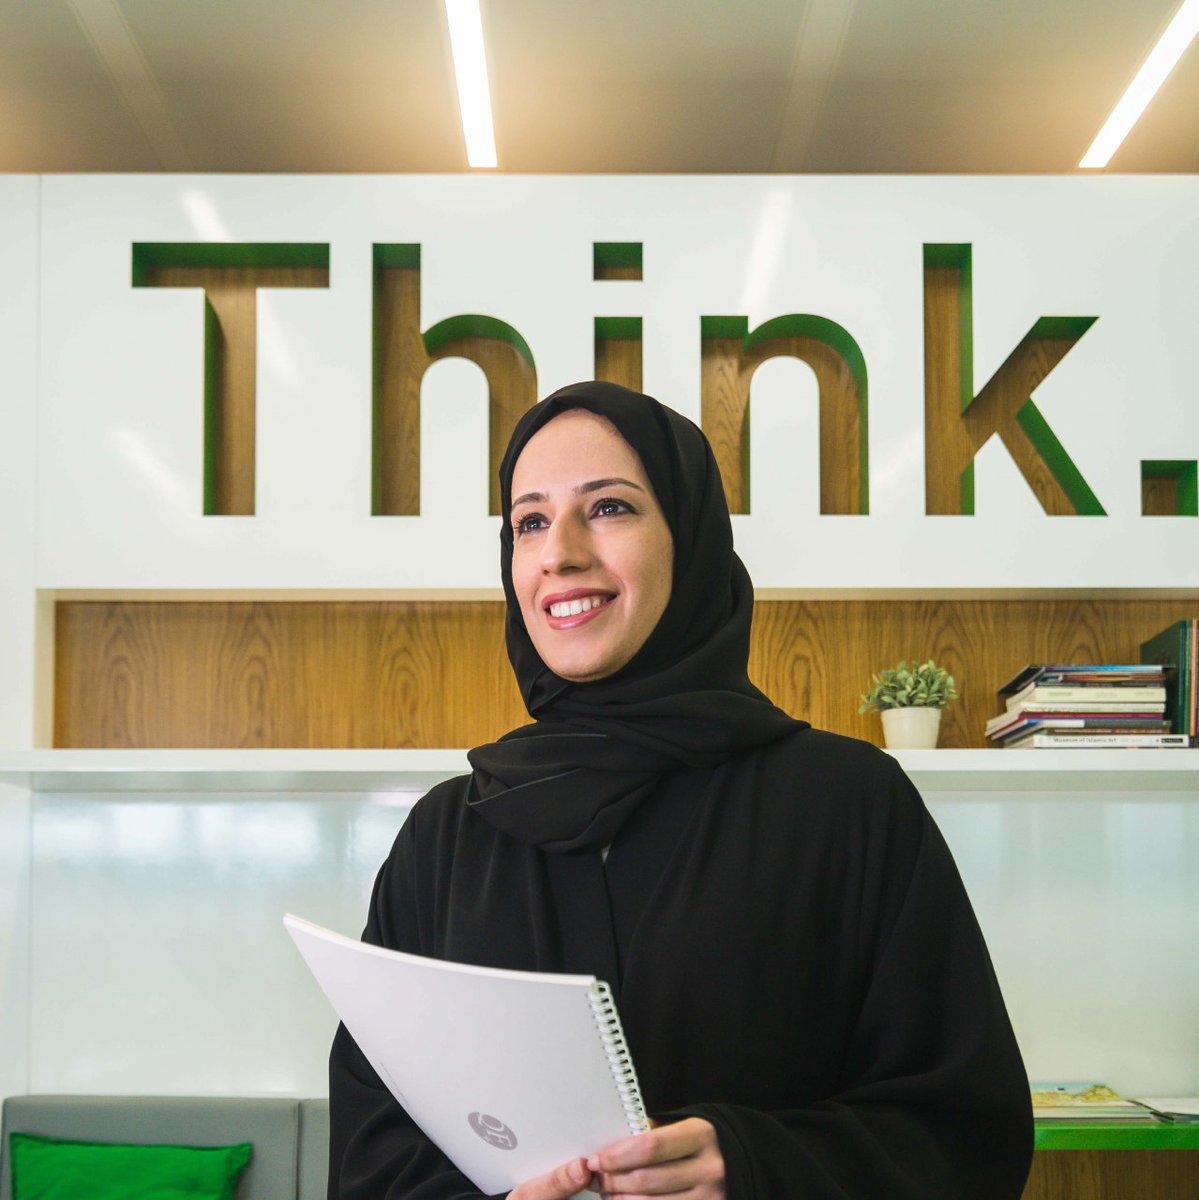 في الحوار الذي أجرته معها مجلة كيولايف، تحدثت السيدة بثينة النعيمي، رئيس التعليم ما قبل الجامعي عن الكيفية التي تمكنت بها مؤسسة قطر من التحول إلى التعليم الإلكتروني نظراً لجائحة فيروس كورونا (كوفيد-19). لمعرفة المزيد عن ذلك، زوروا موقع كيو لايف: https://t.co/0oPvphxK4i https://t.co/W2ZMX7yi9u